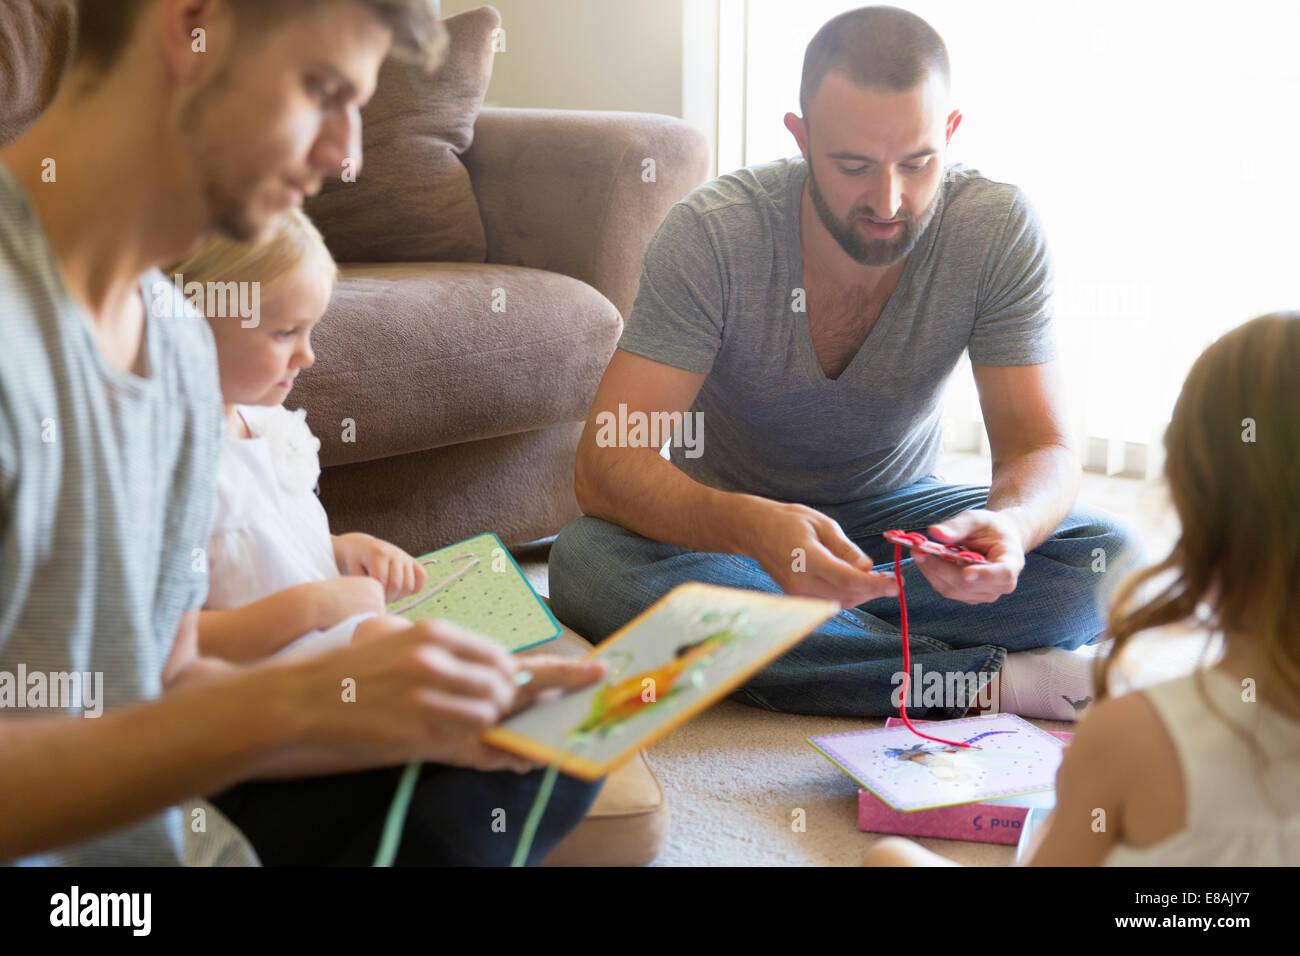 Giovane maschio e due figlie di threading libri foto seduta sul pavimento della camera Immagini Stock